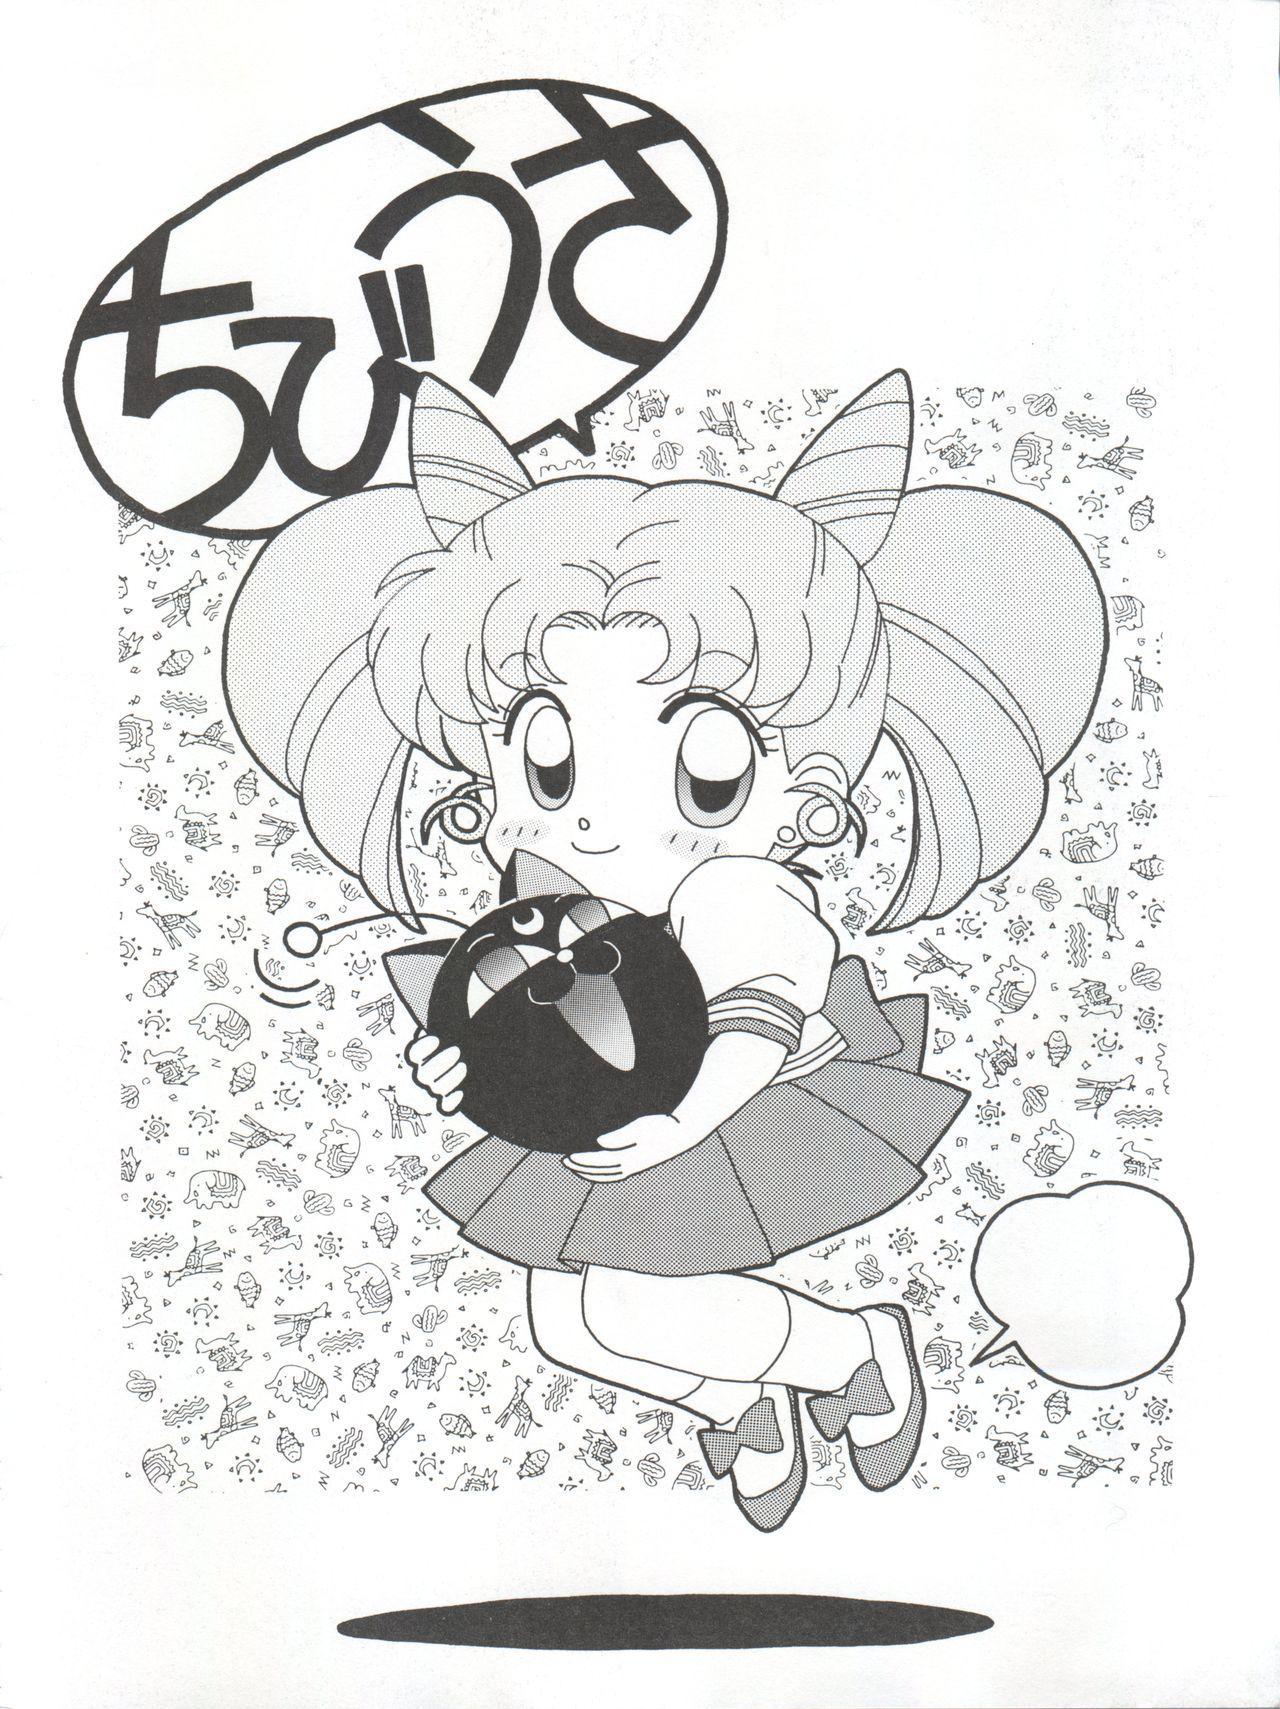 NANIWA-YA FINAL DRESS UP! 9